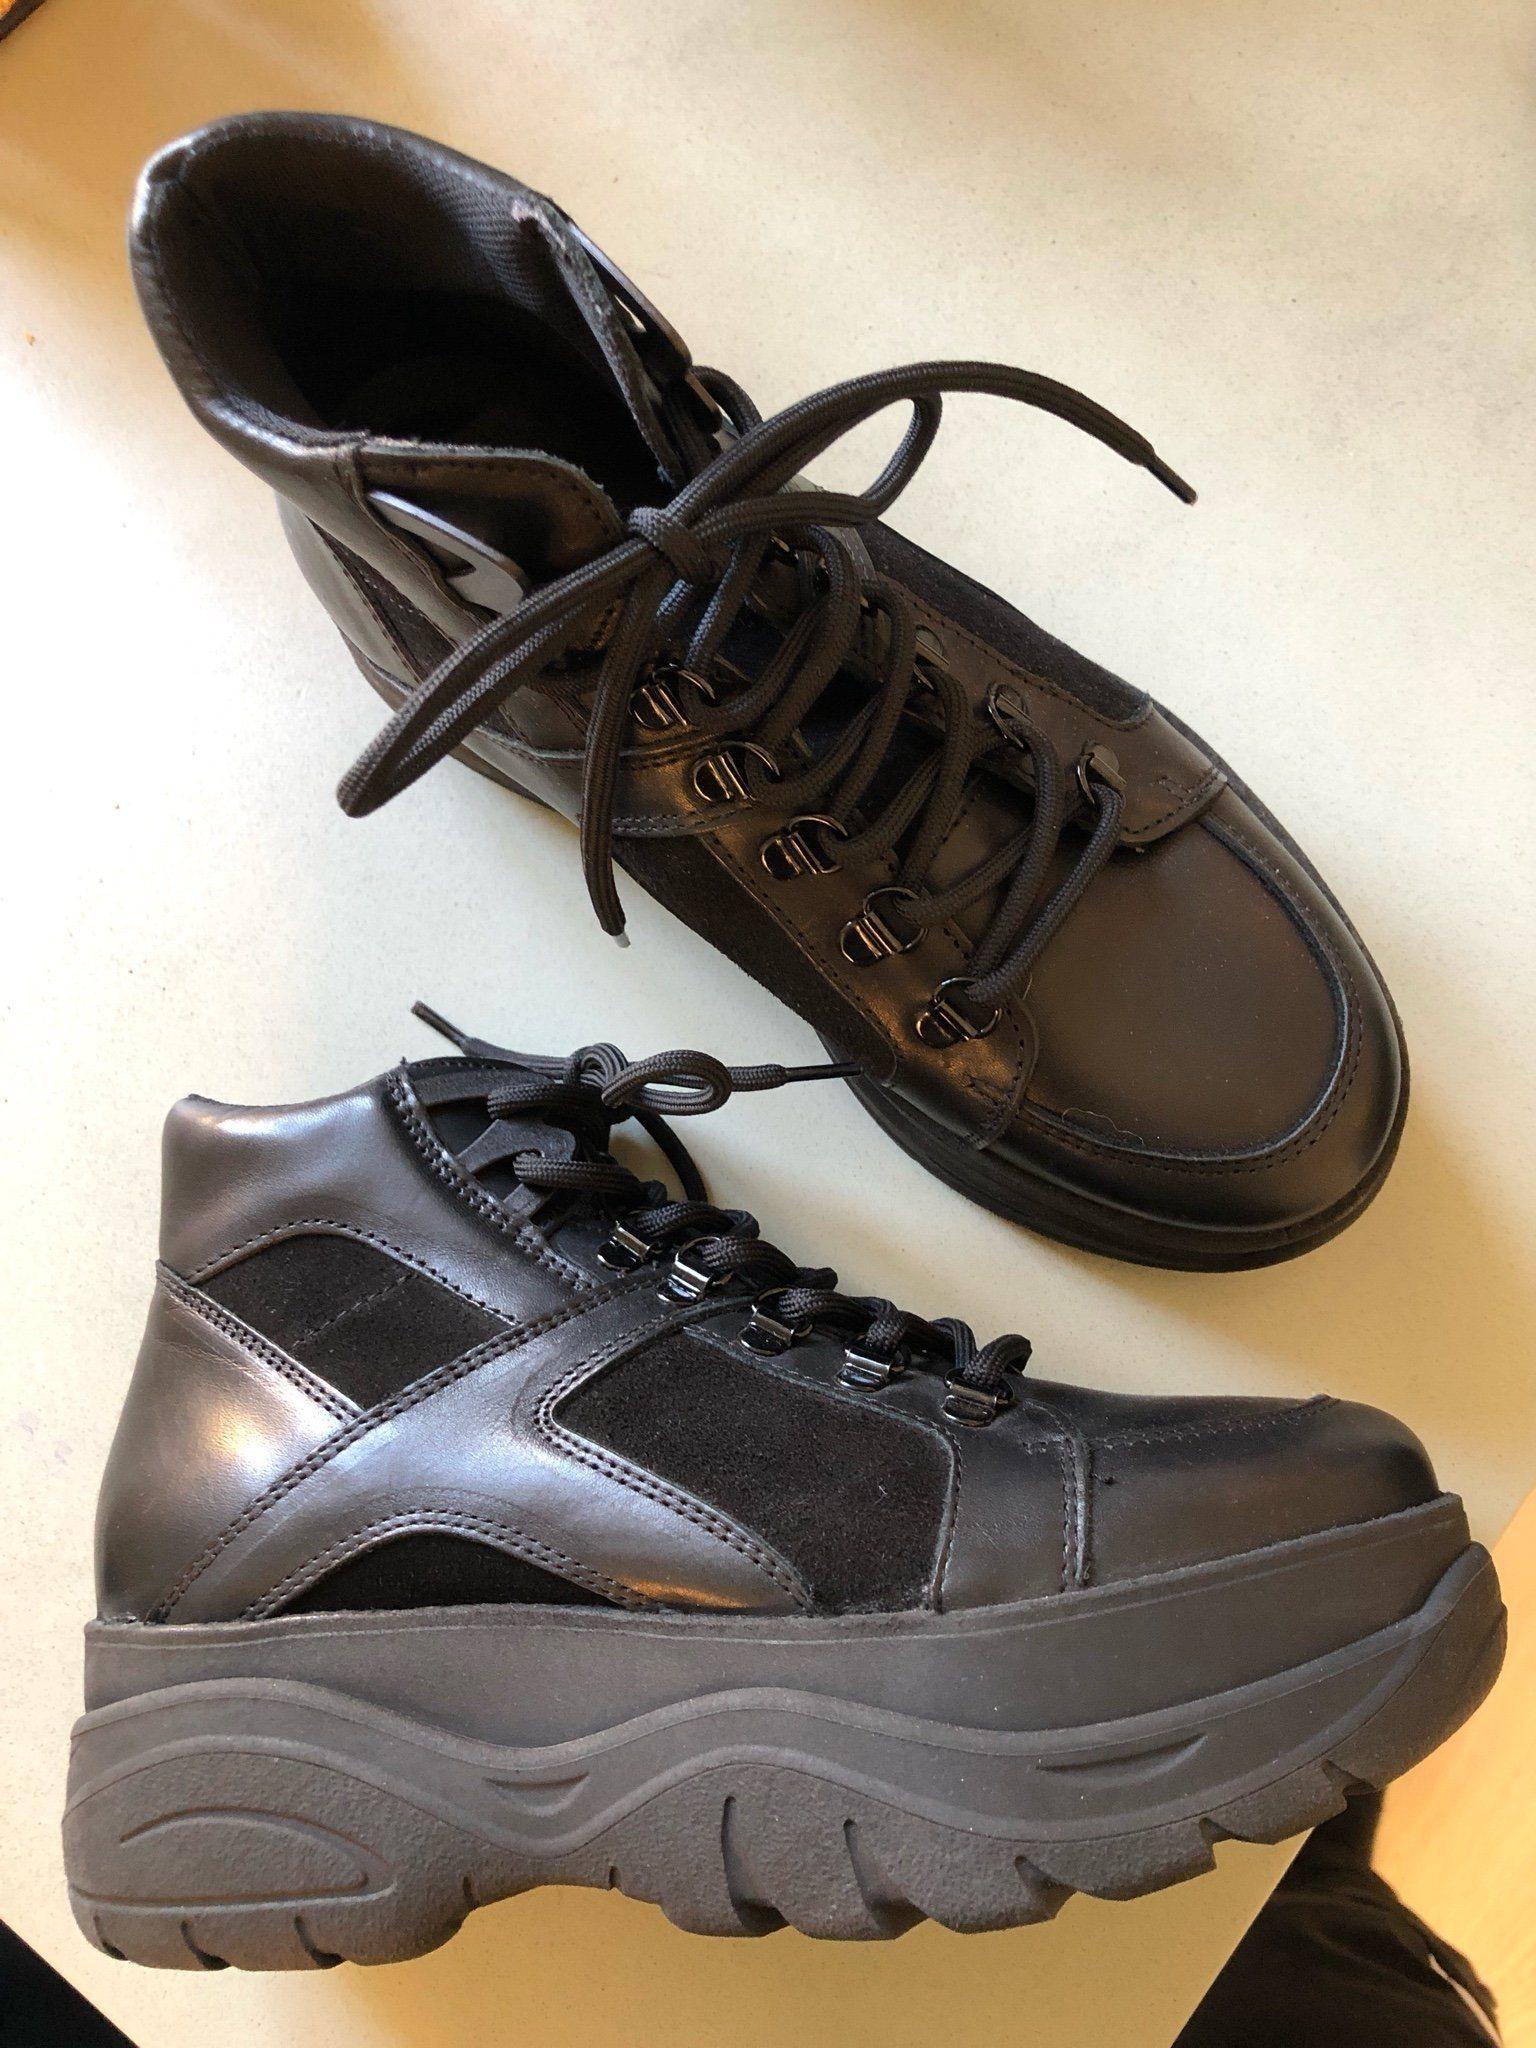 skor på avbetalning